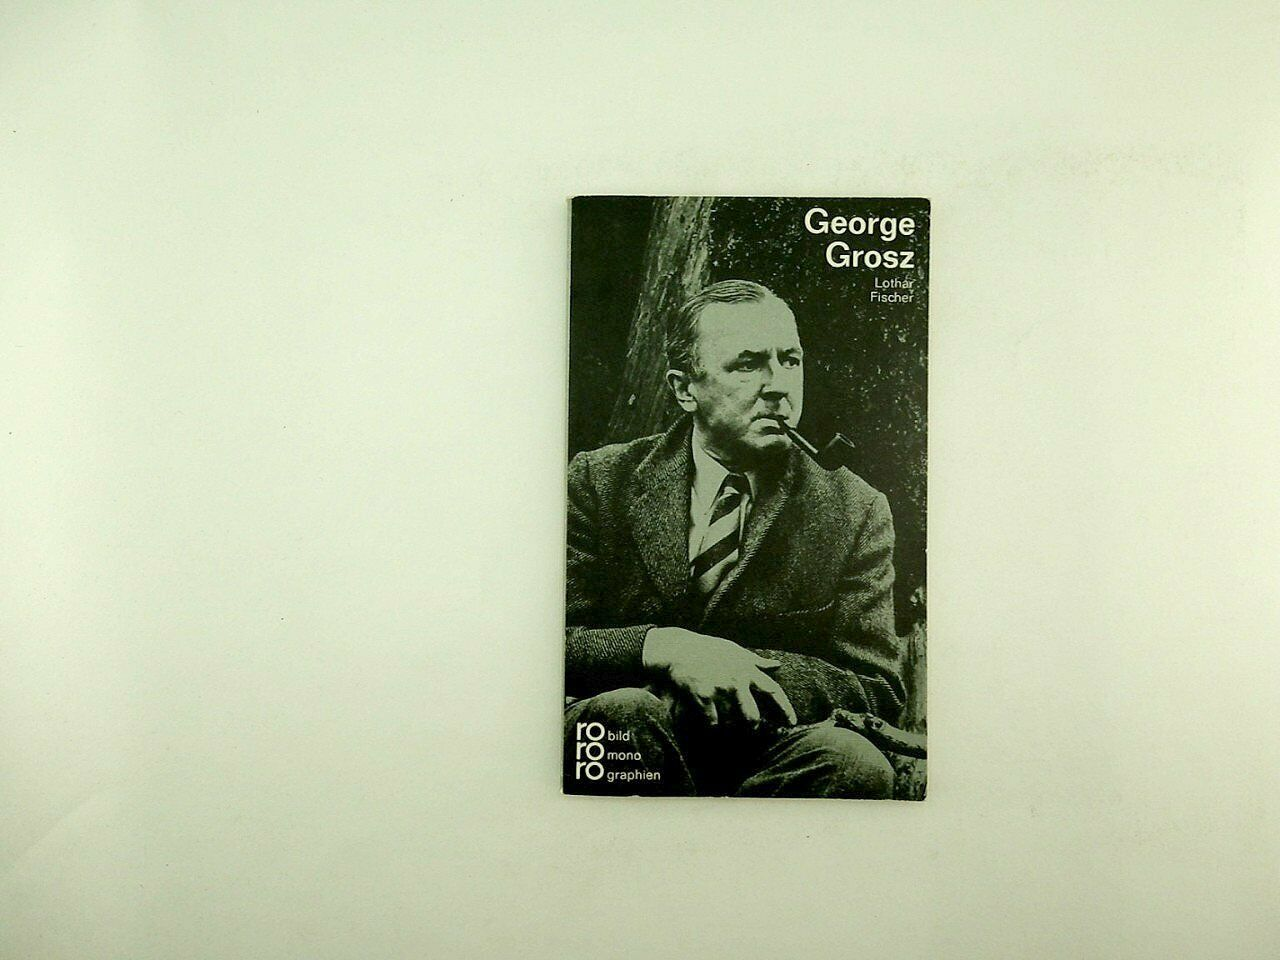 Lothar Fischer - George Grosz  - 1976